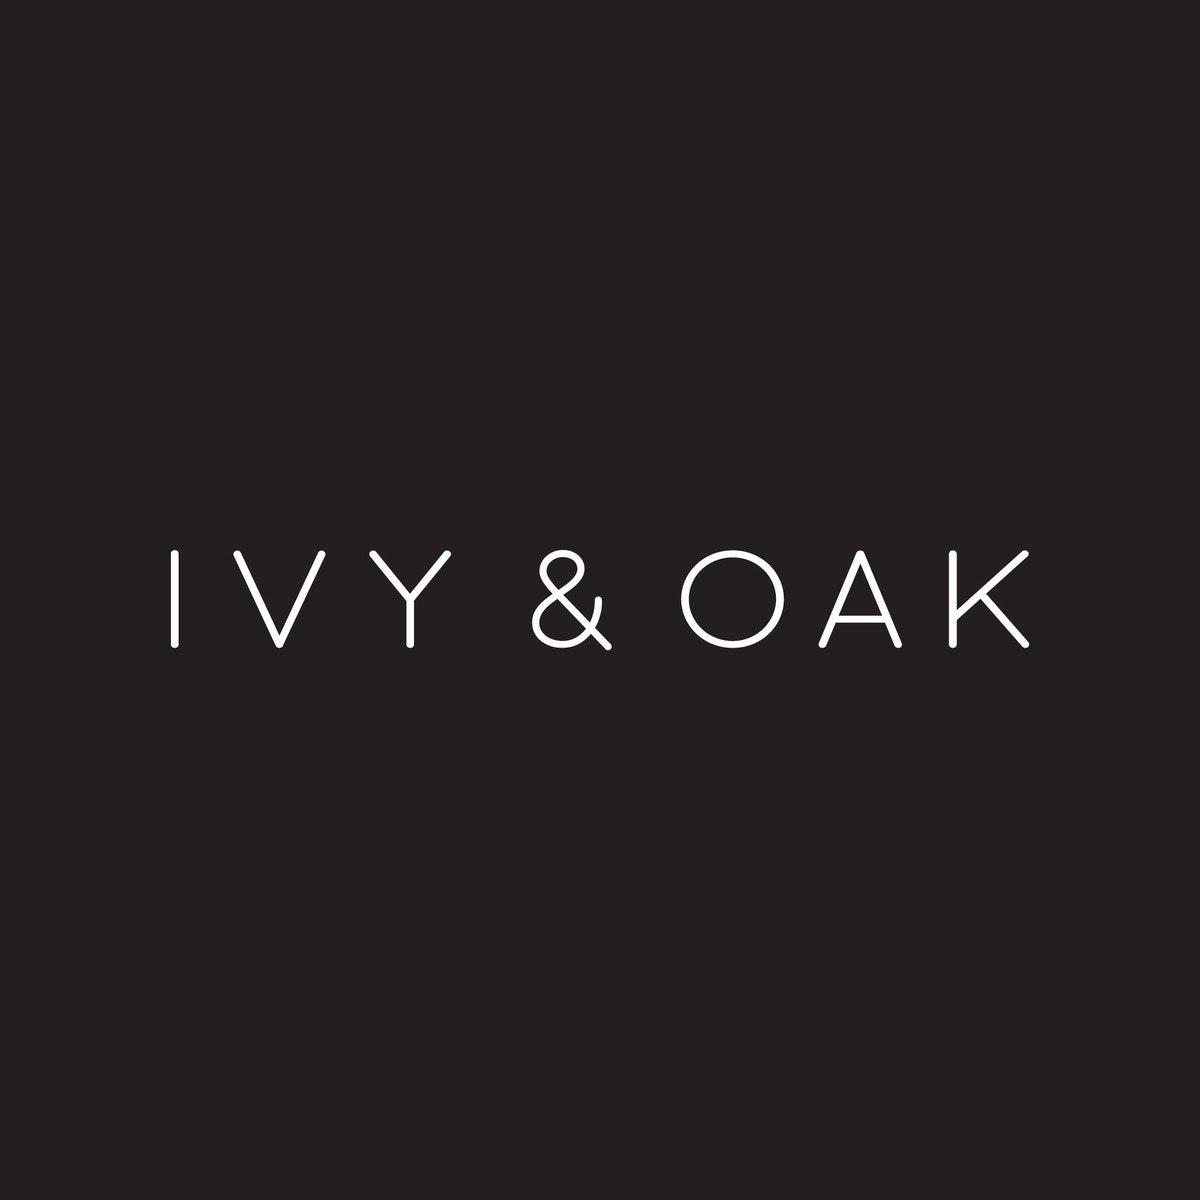 IVY & OAK GmbH